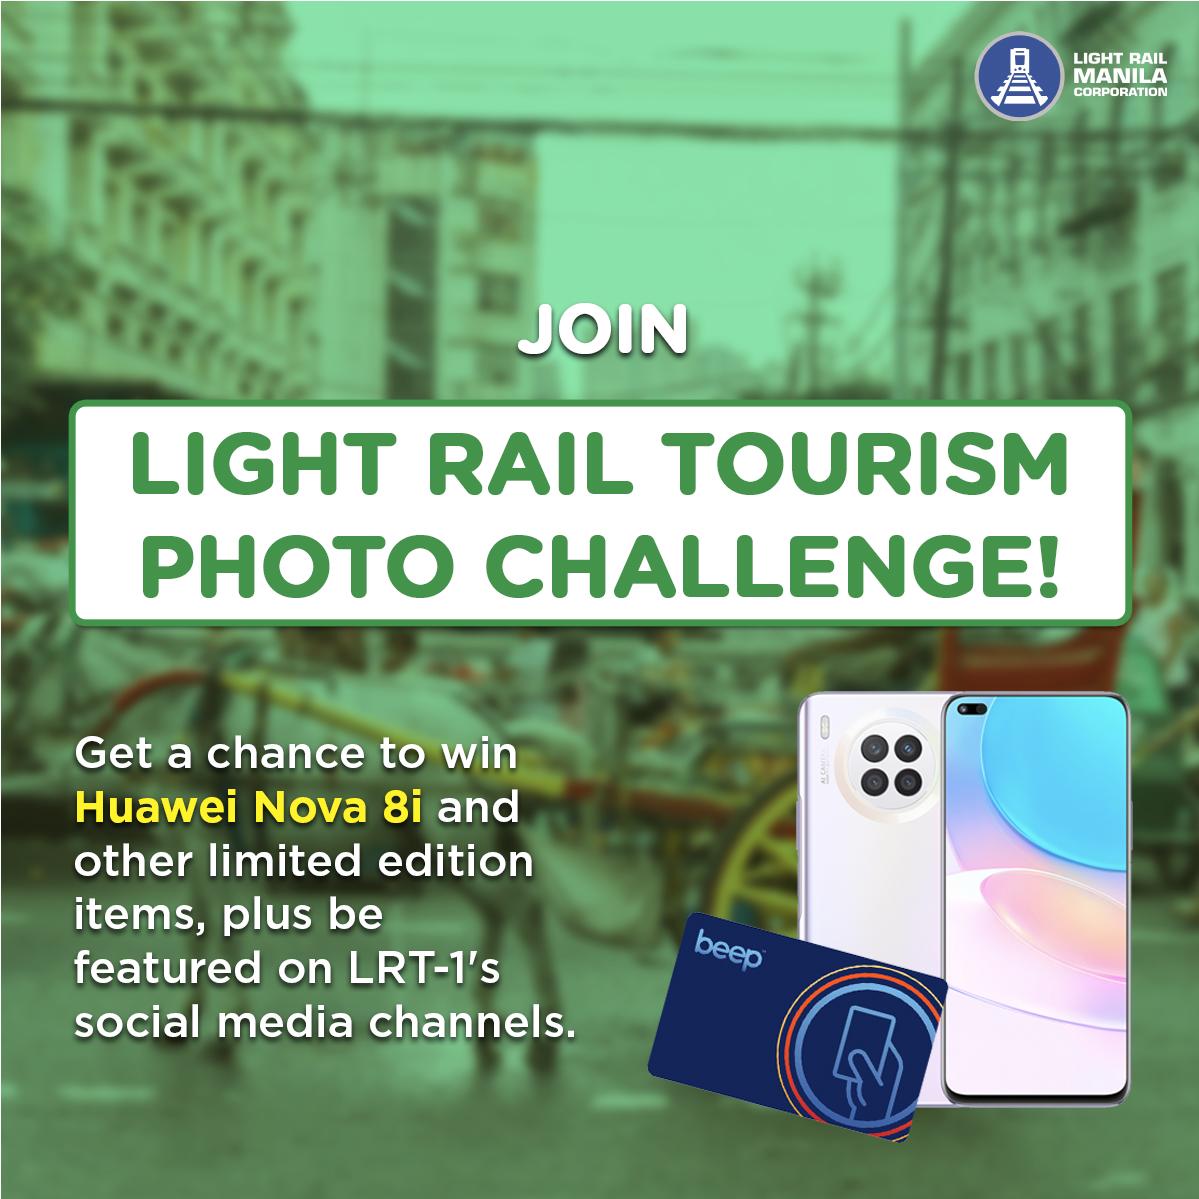 #LightRailTourism Photo Contest